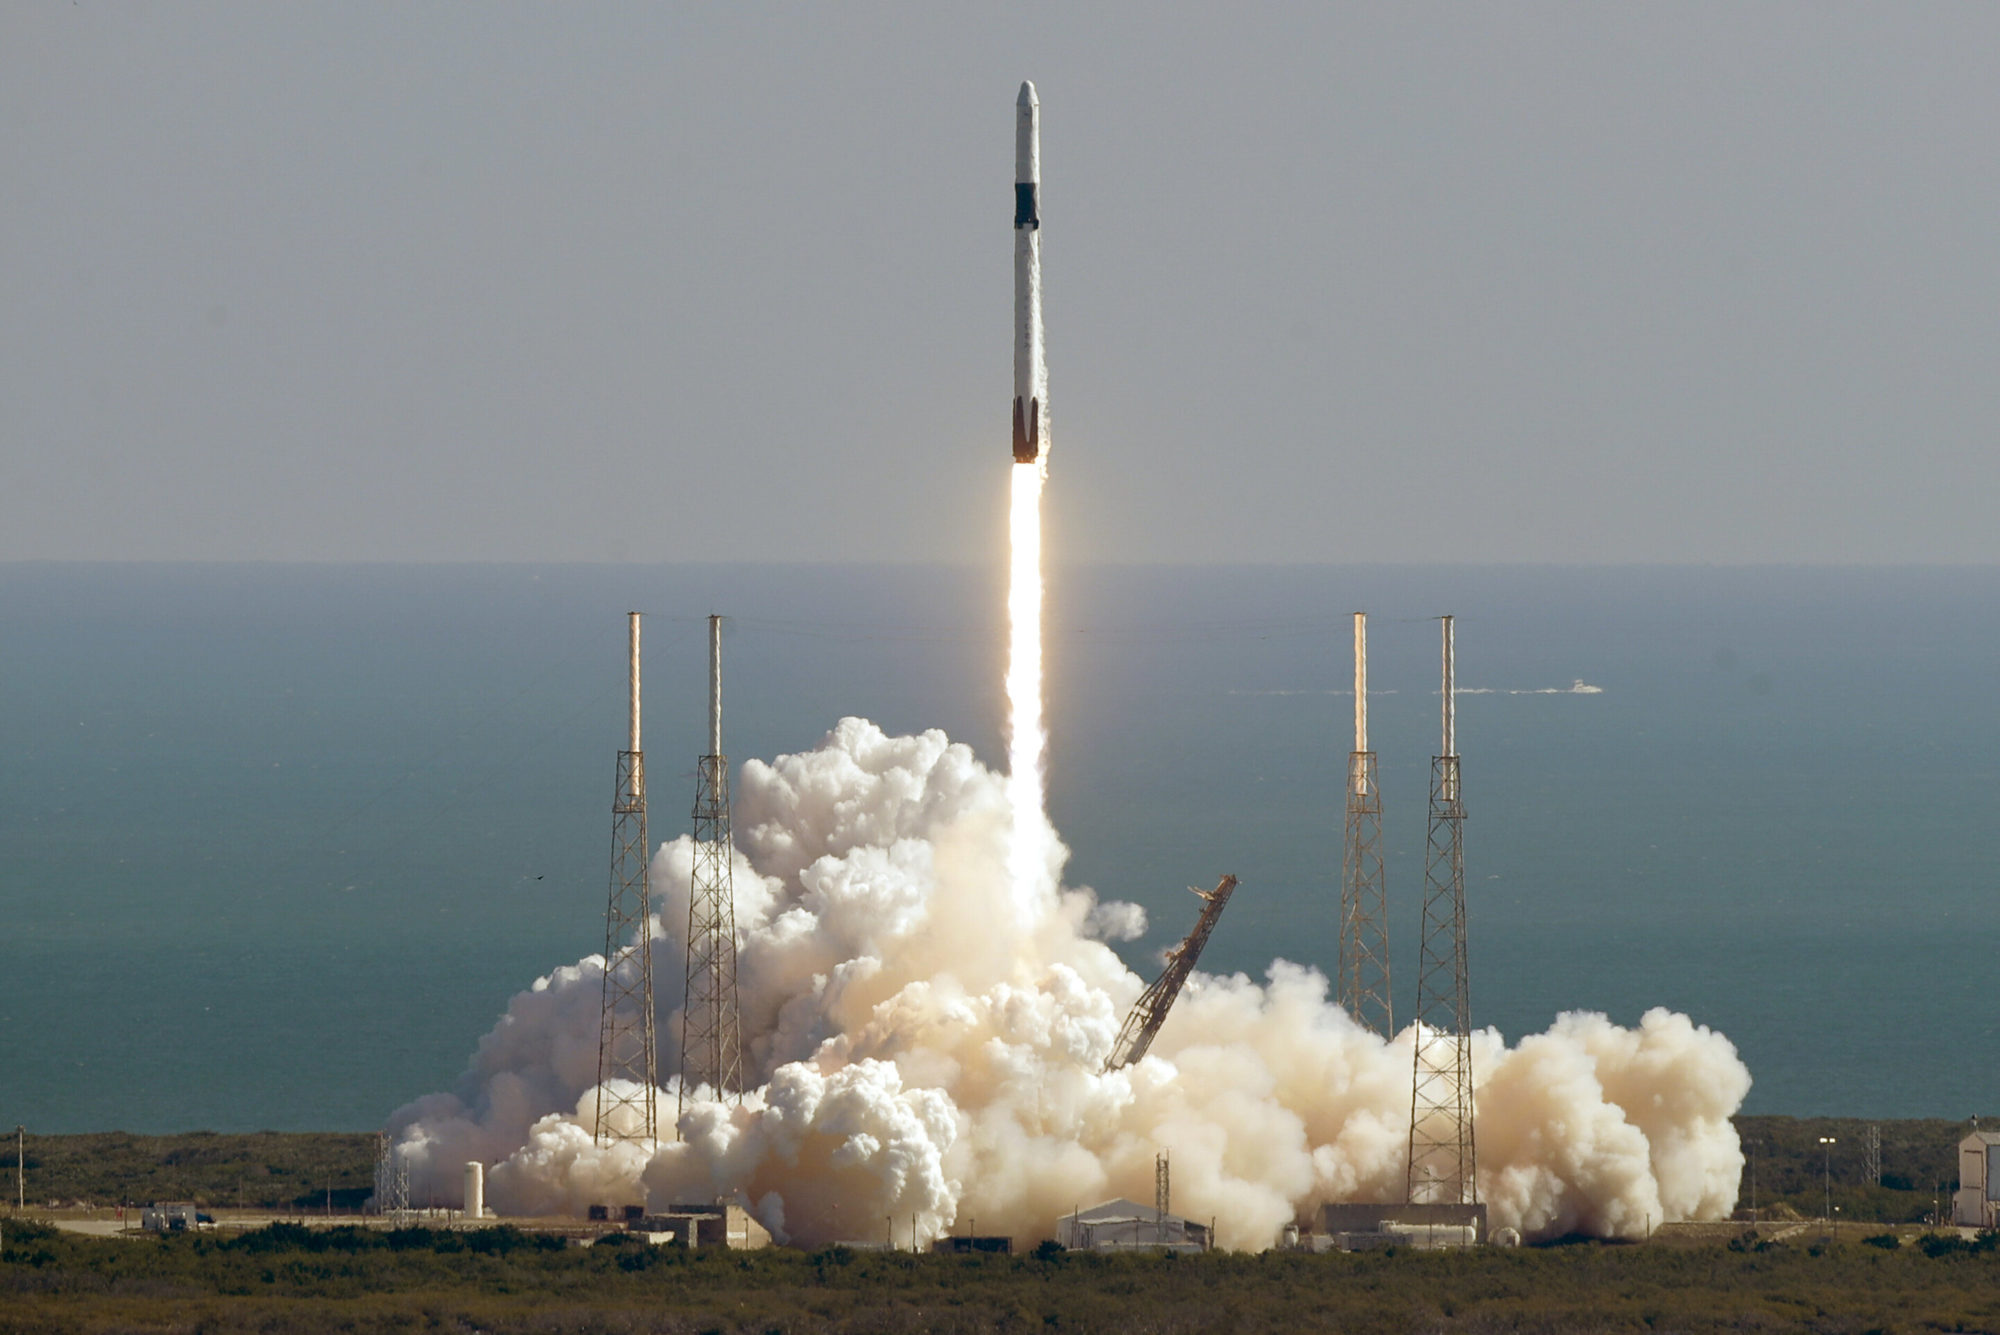 40 мишей для експериментів та ячмінь для пива: SpaceX запустила на МКС космічну вантажівку Dragon - МКС, SpaceX, NASA - 06 spejs 2000x1335